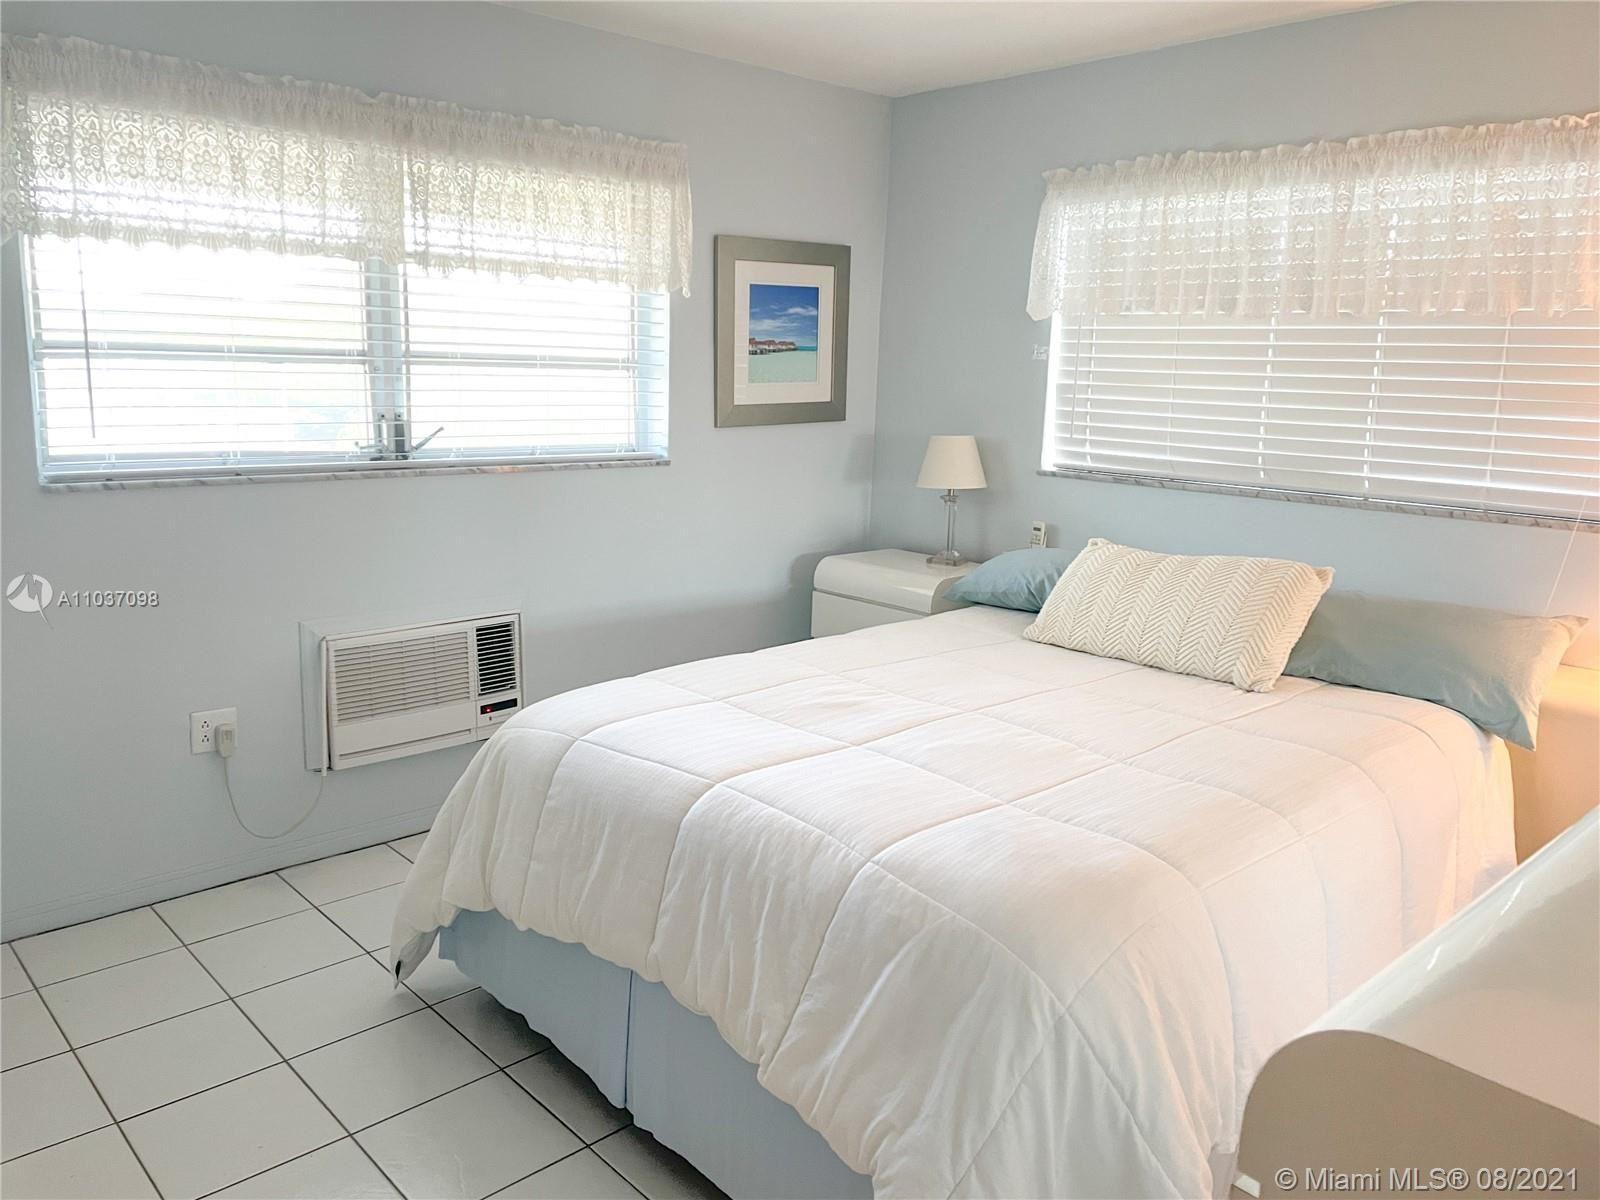 1355 NE 167th St #3, Miami, FL 33162 - #: A11037098